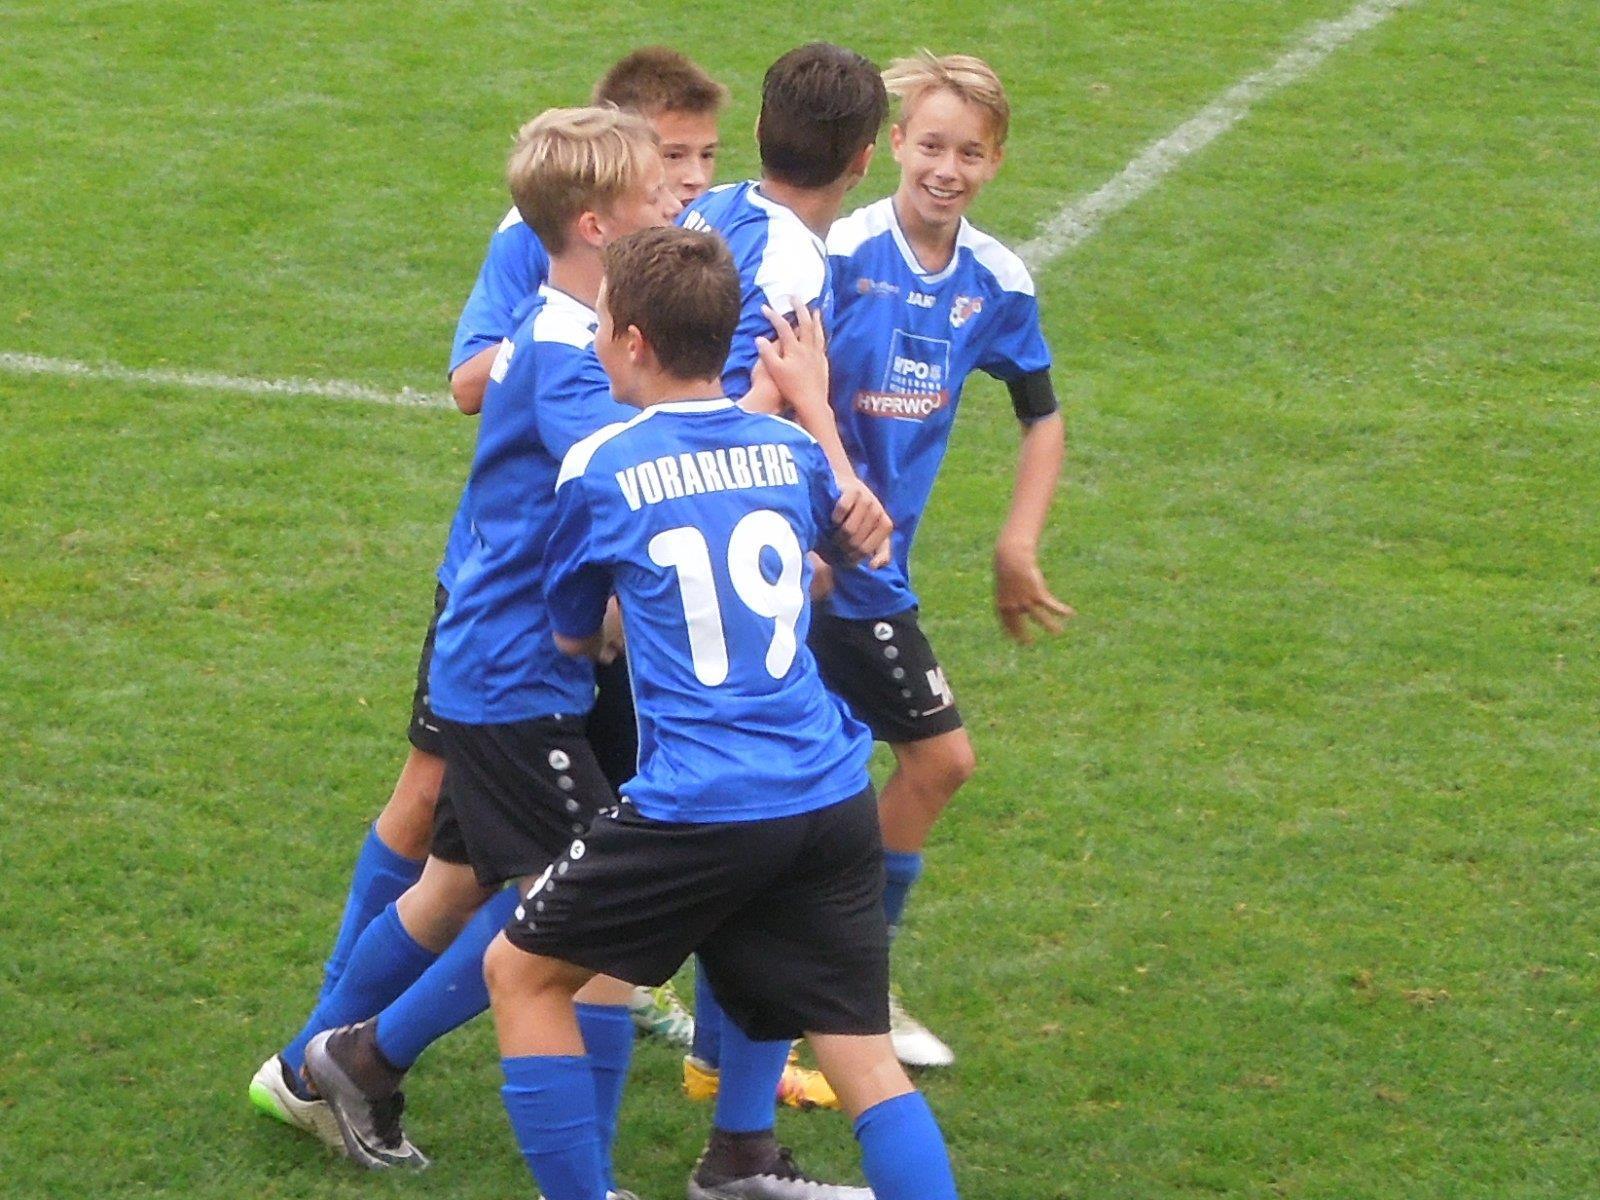 Die AKA U15 zeigte beim Spiel gegen den SV Ried eine tolle Leistung und durfte am Ende über einen glatten 4:0 Sieg jubeln.